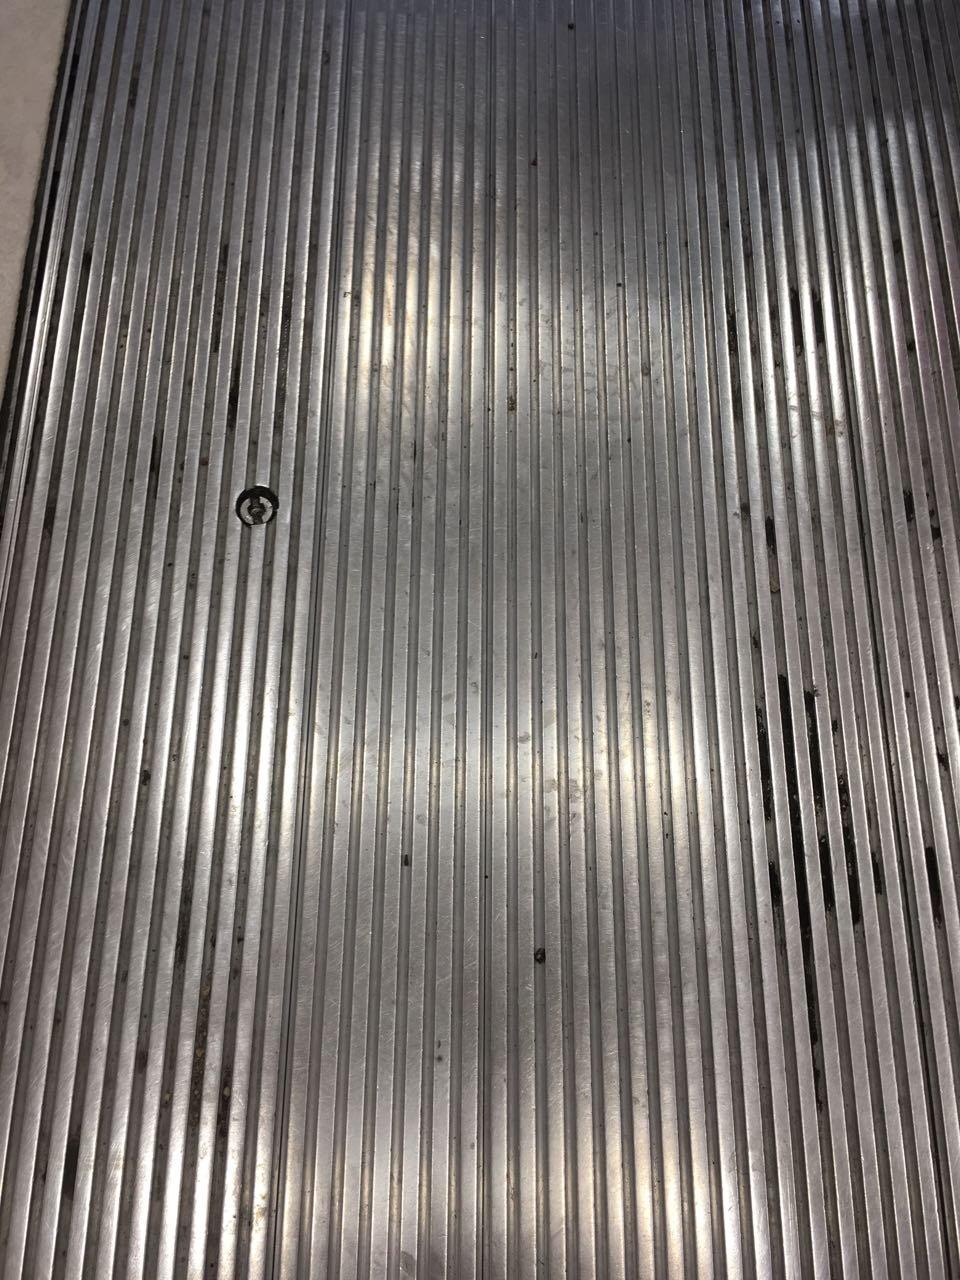 Mozgólépcső előtti fém padlózat takarítása Rotowash ipari súrológéppel